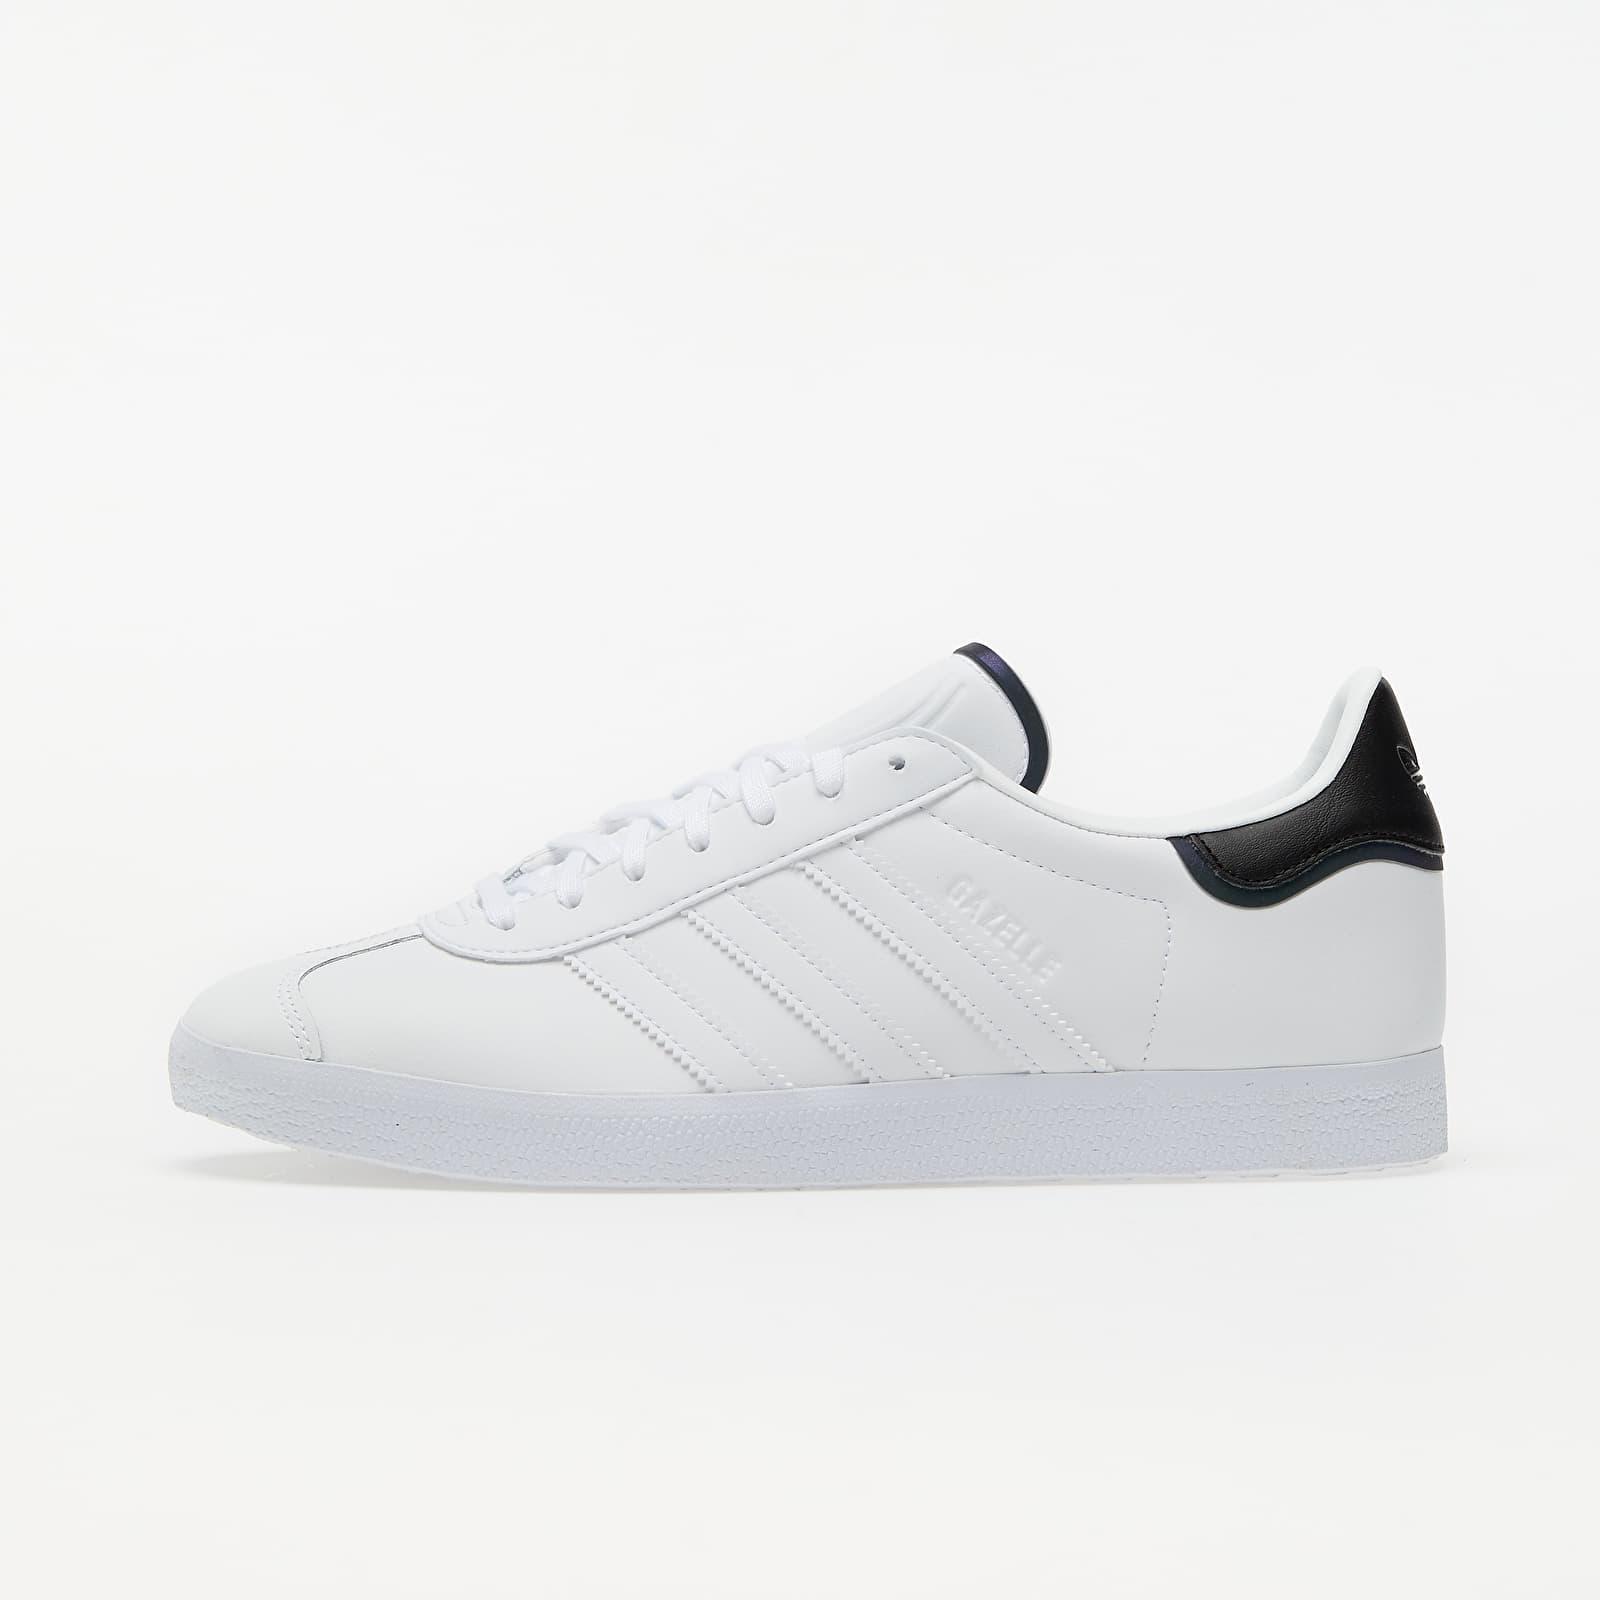 adidas Gazelle Ftw White/ Ftw White/ Core Black FU9666